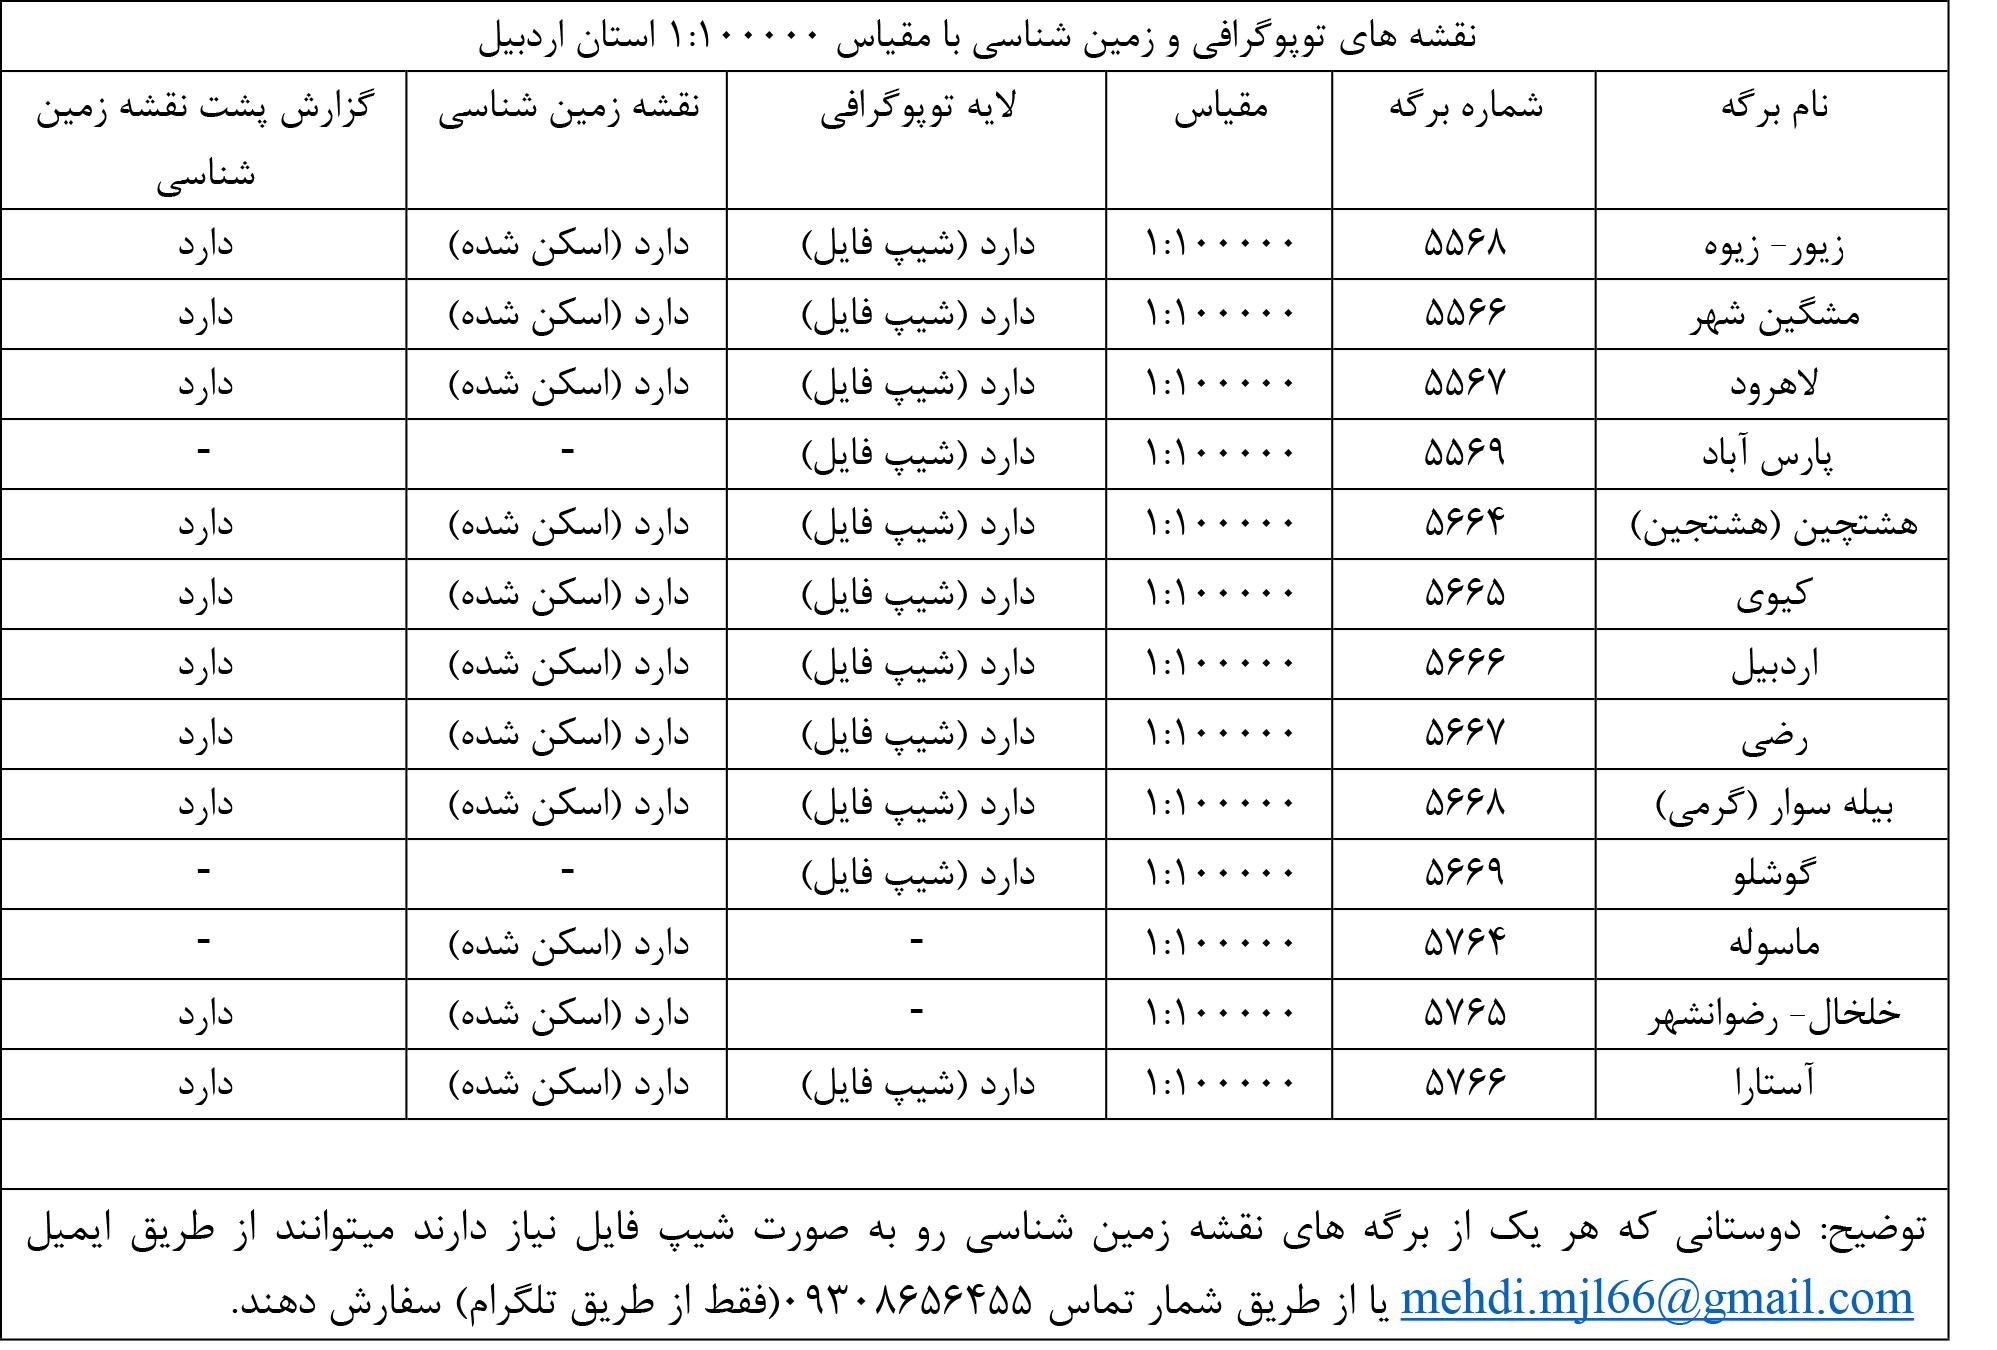 نقشه های توپوگرافی و زمین شناسی با مقیاس 1:100000 استان اردبیل